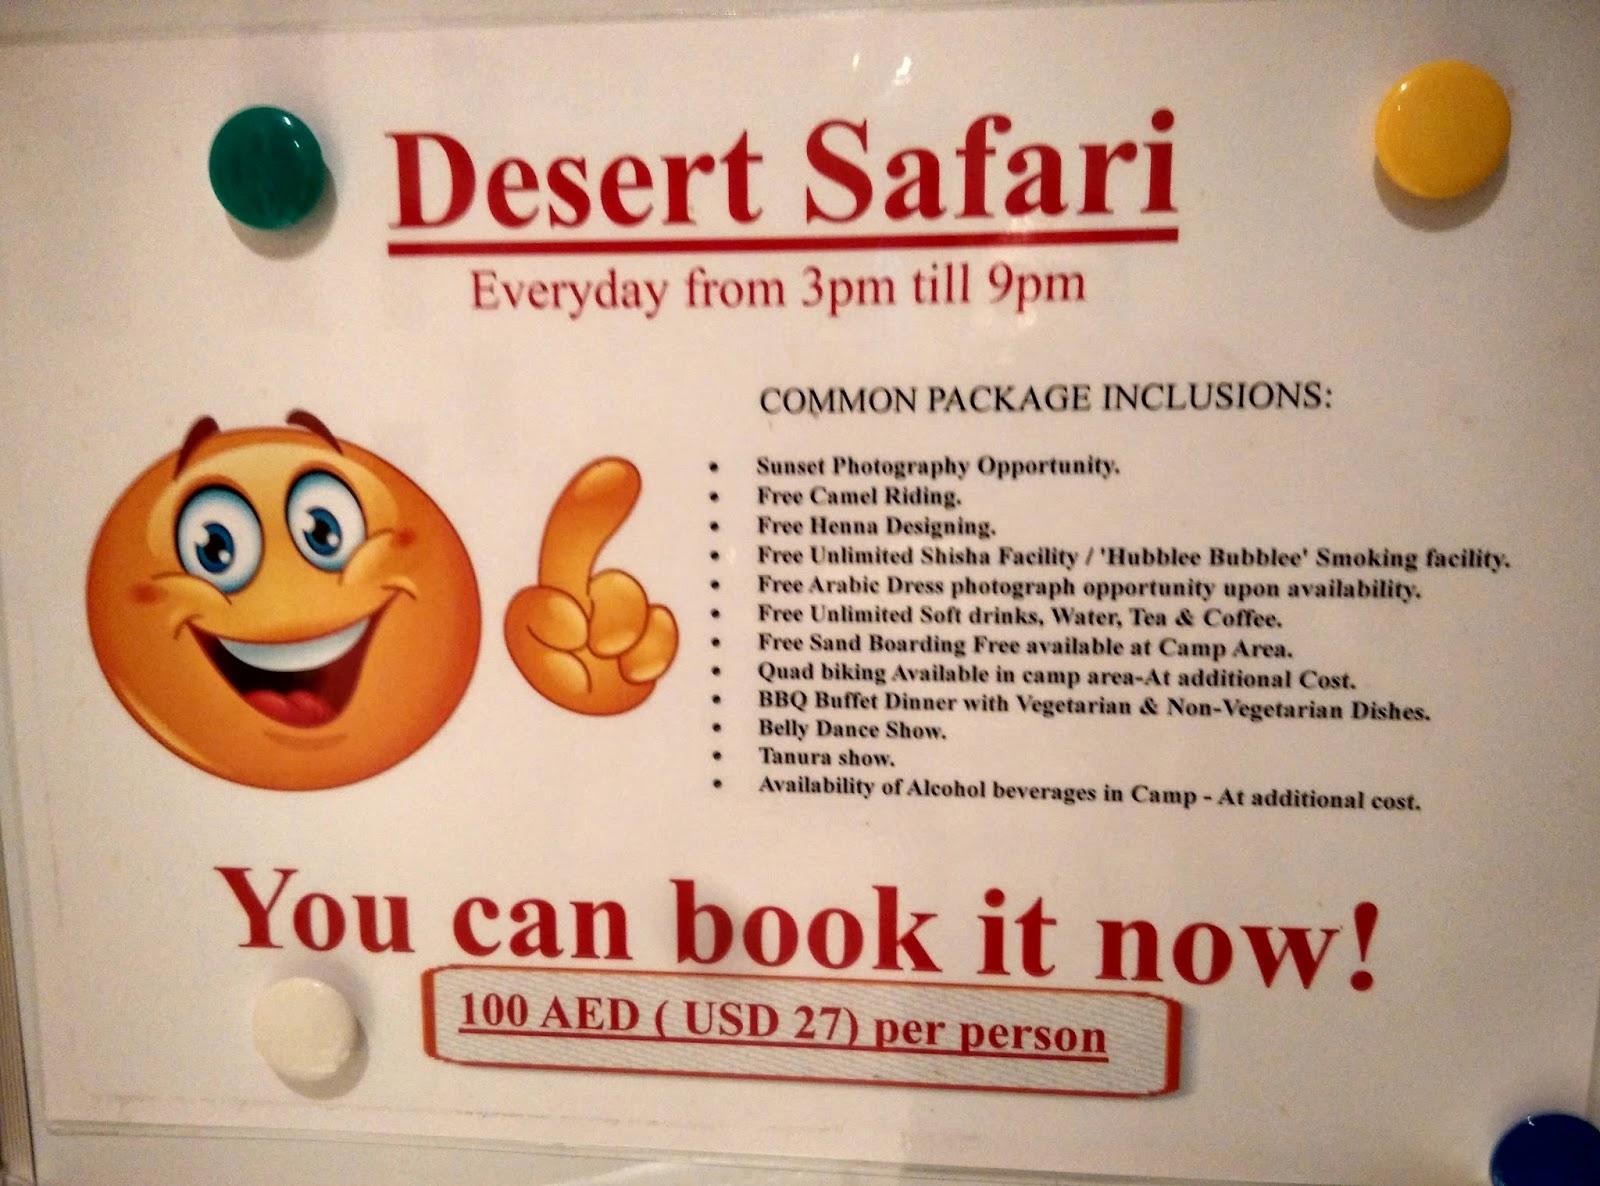 Desert safari deals 2018